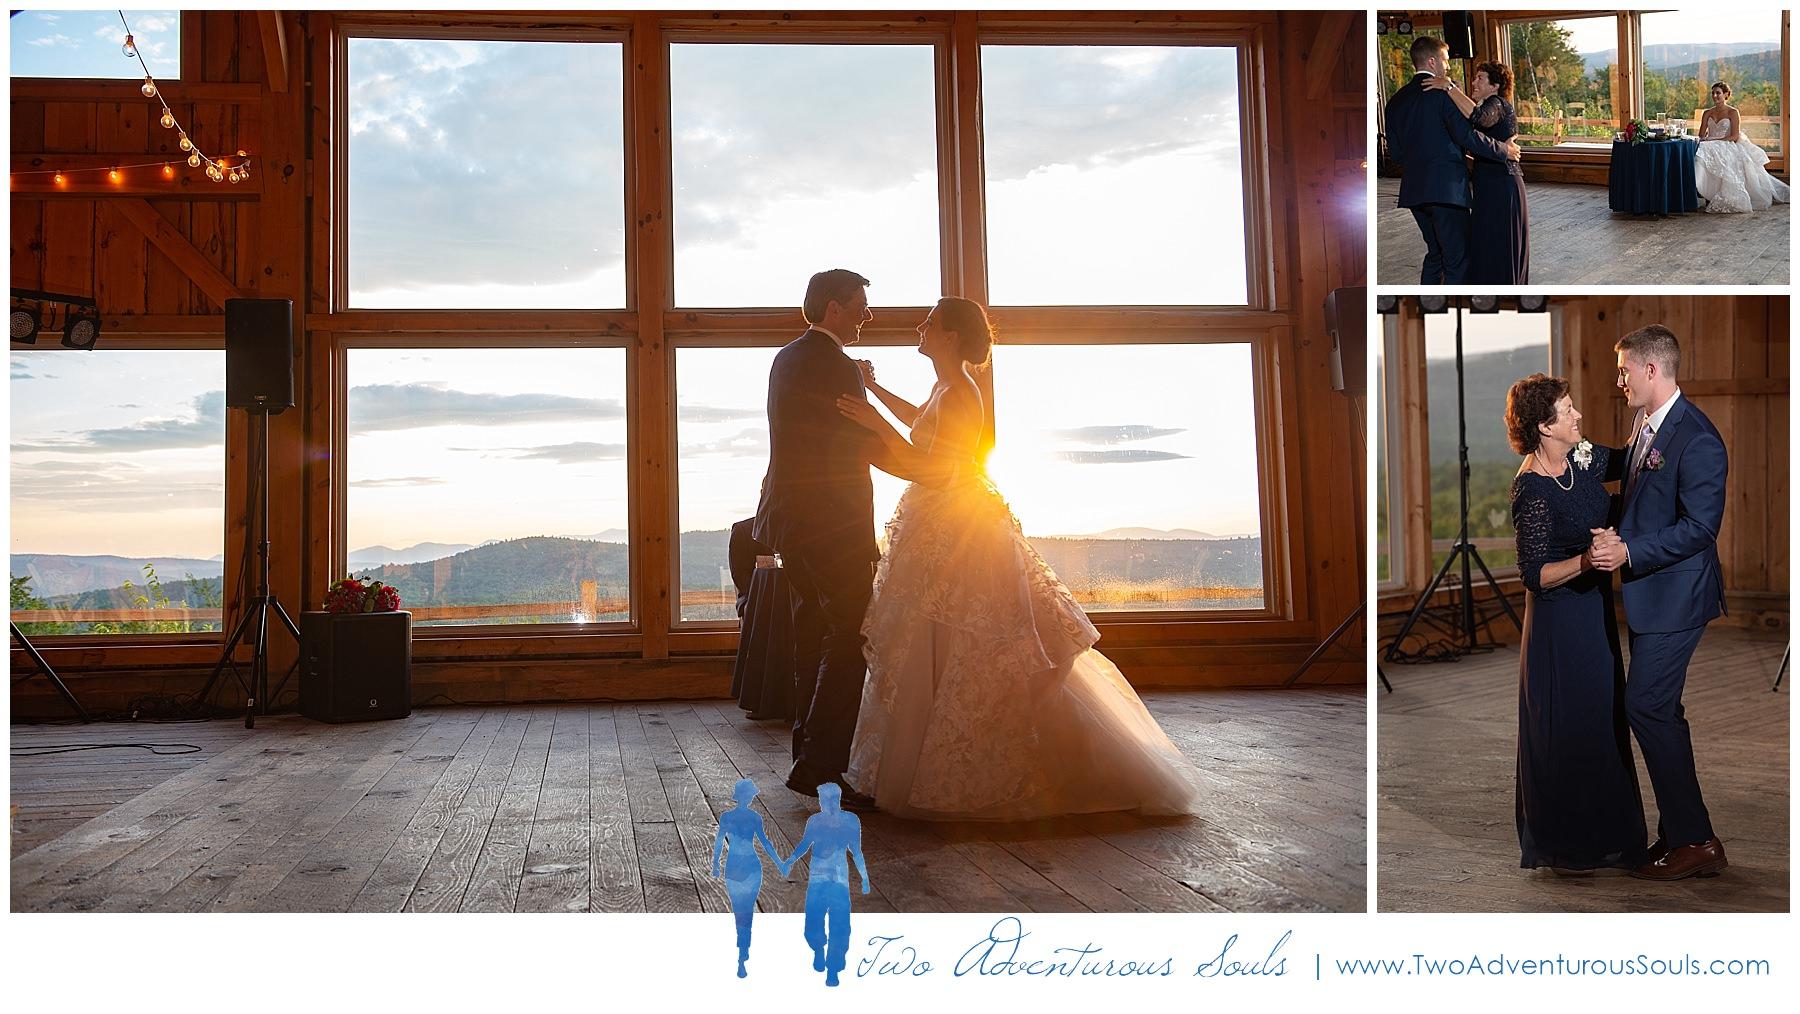 Maine Wedding Photographers, Granite Ridge Estate Wedding Photographers, Two Adventurous Souls - 080319_0063.jpg